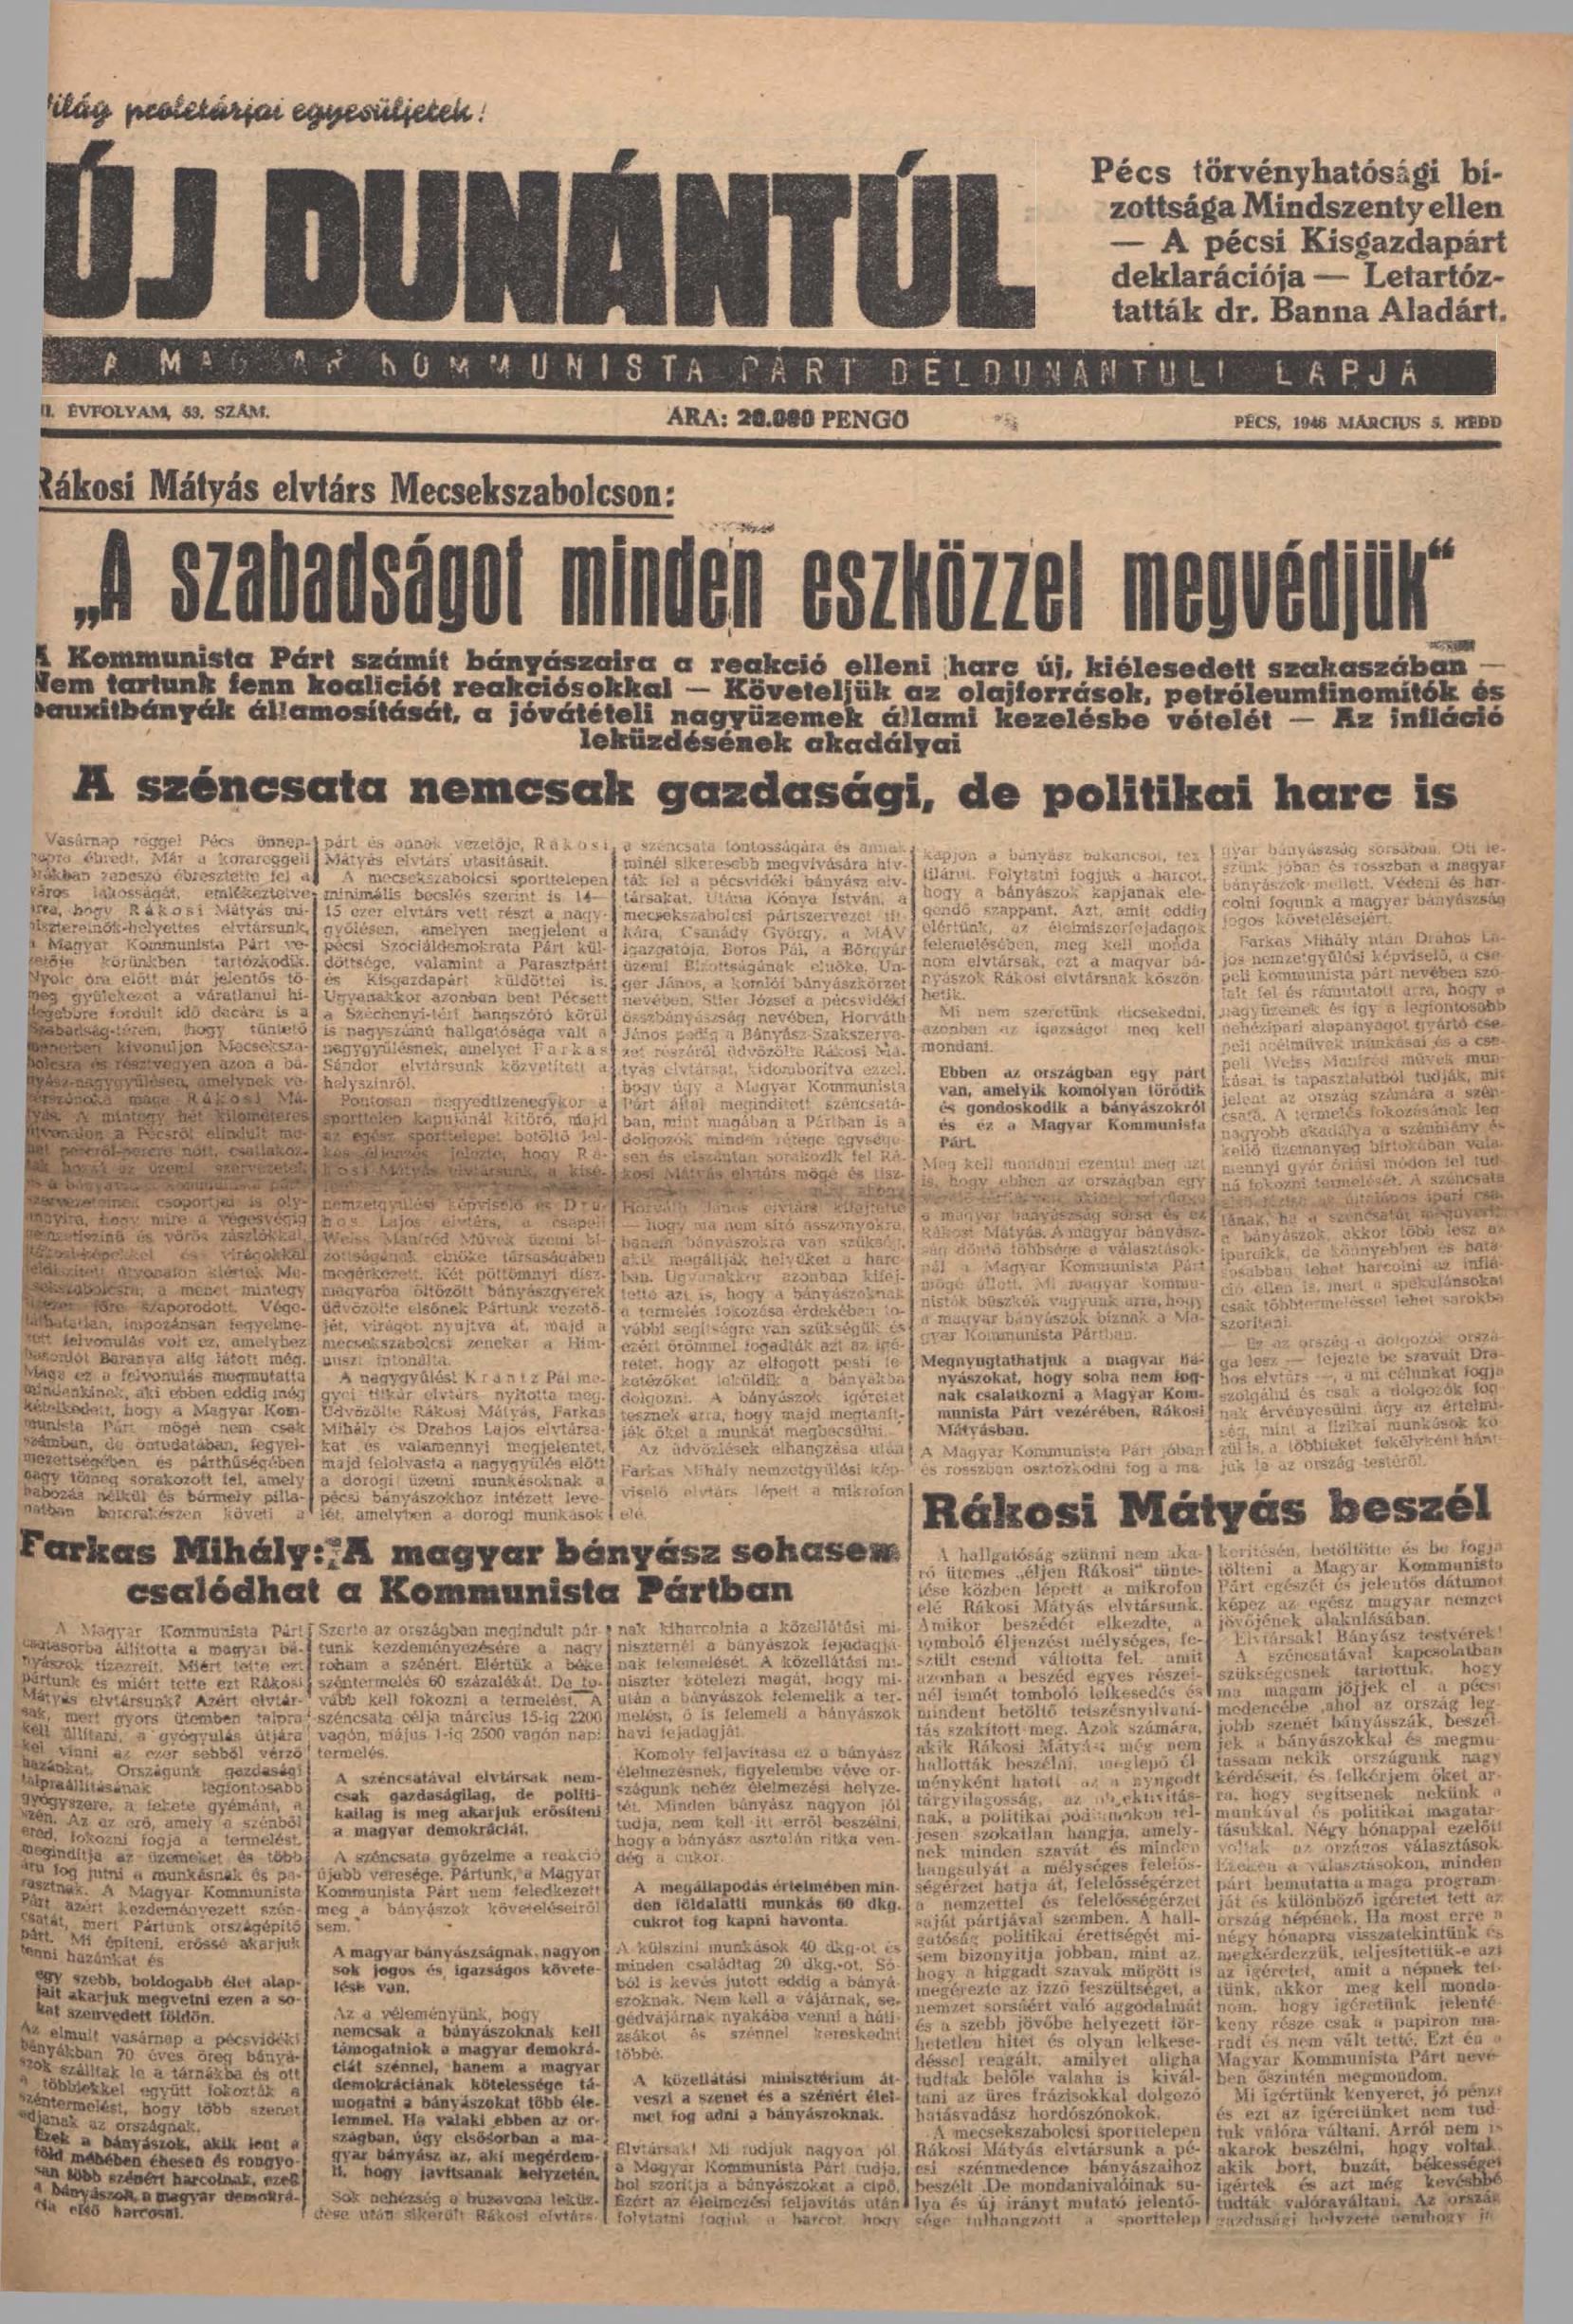 dunantulinaplo_1946_03_pages10-10-page-001.jpg